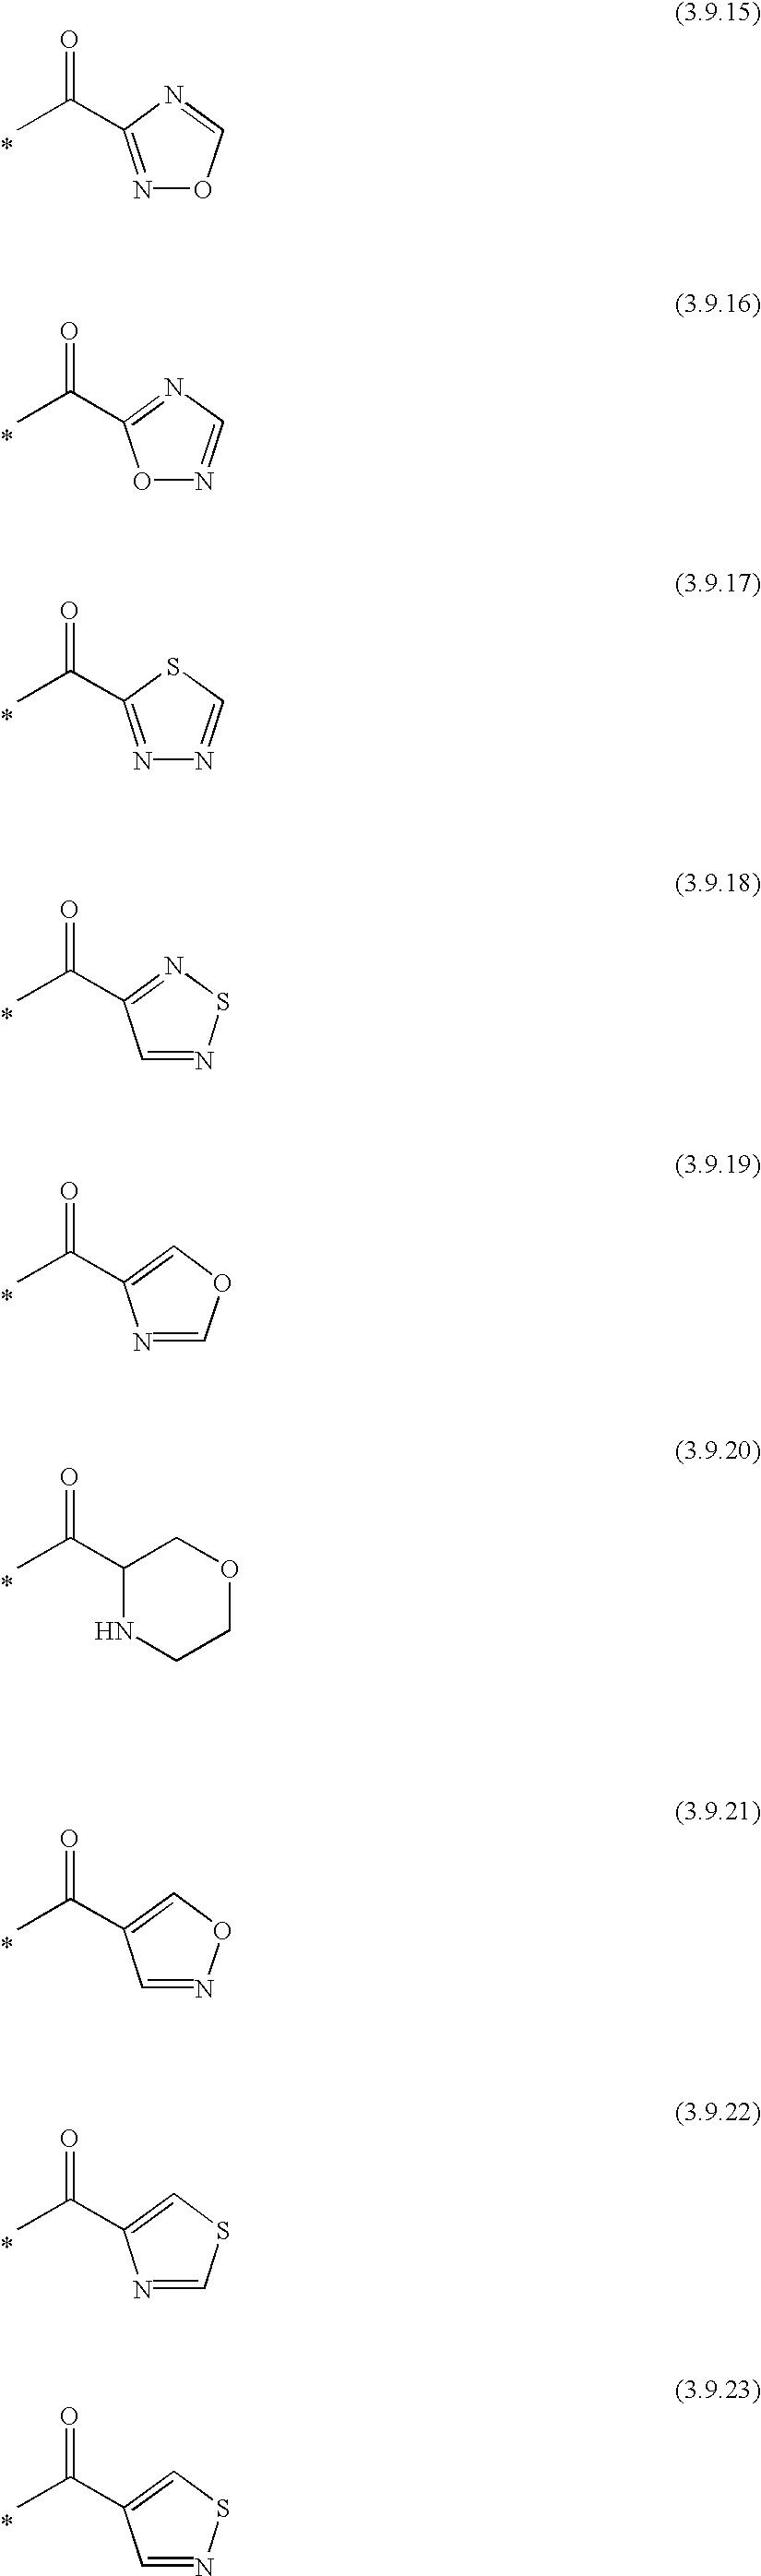 Figure US20030186974A1-20031002-C00183